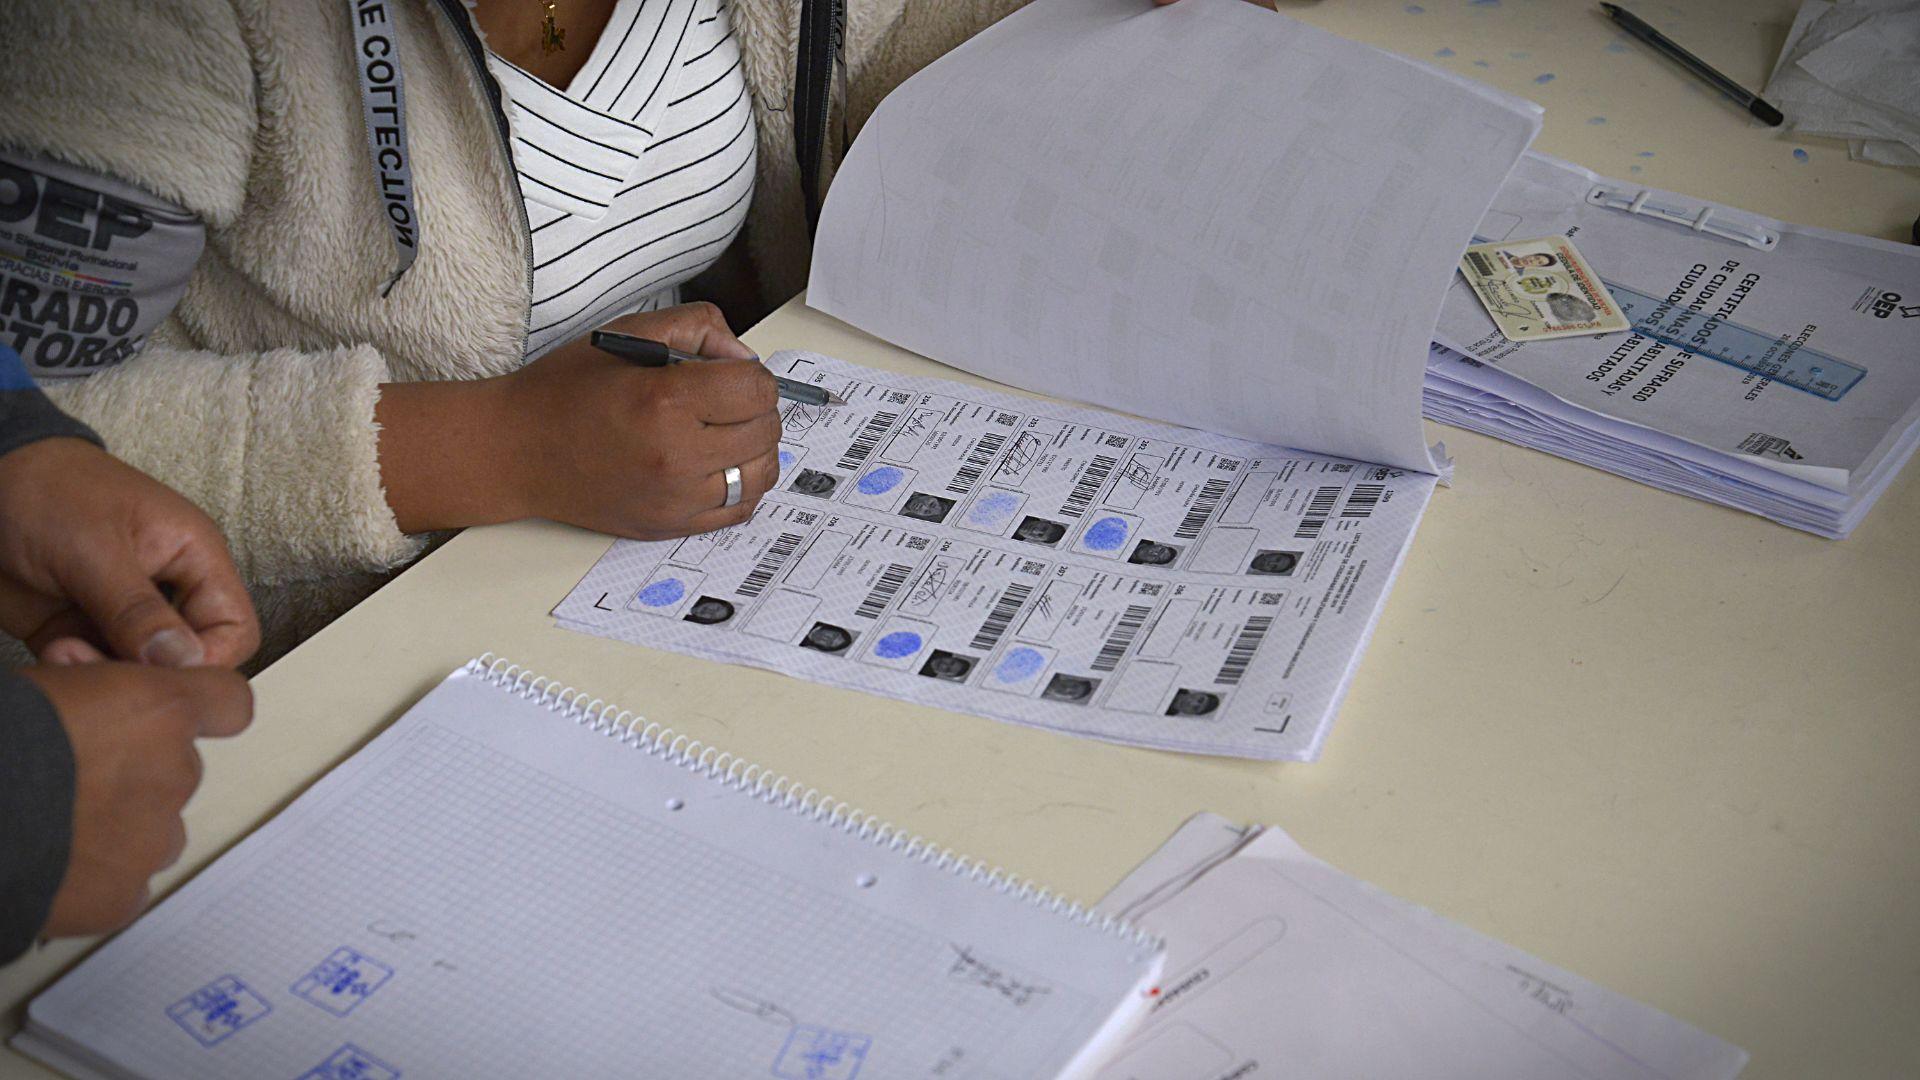 Según informaron desde el Organo Electoral Plurinacional Boliviano, cada elección aumenta significativamente el número de electores y de mesas habilitadas, ya que a medida que los jóvenes cumplen la mayoría de edad se empadronan para tener la posibilidad de ejercer el derecho al voto.